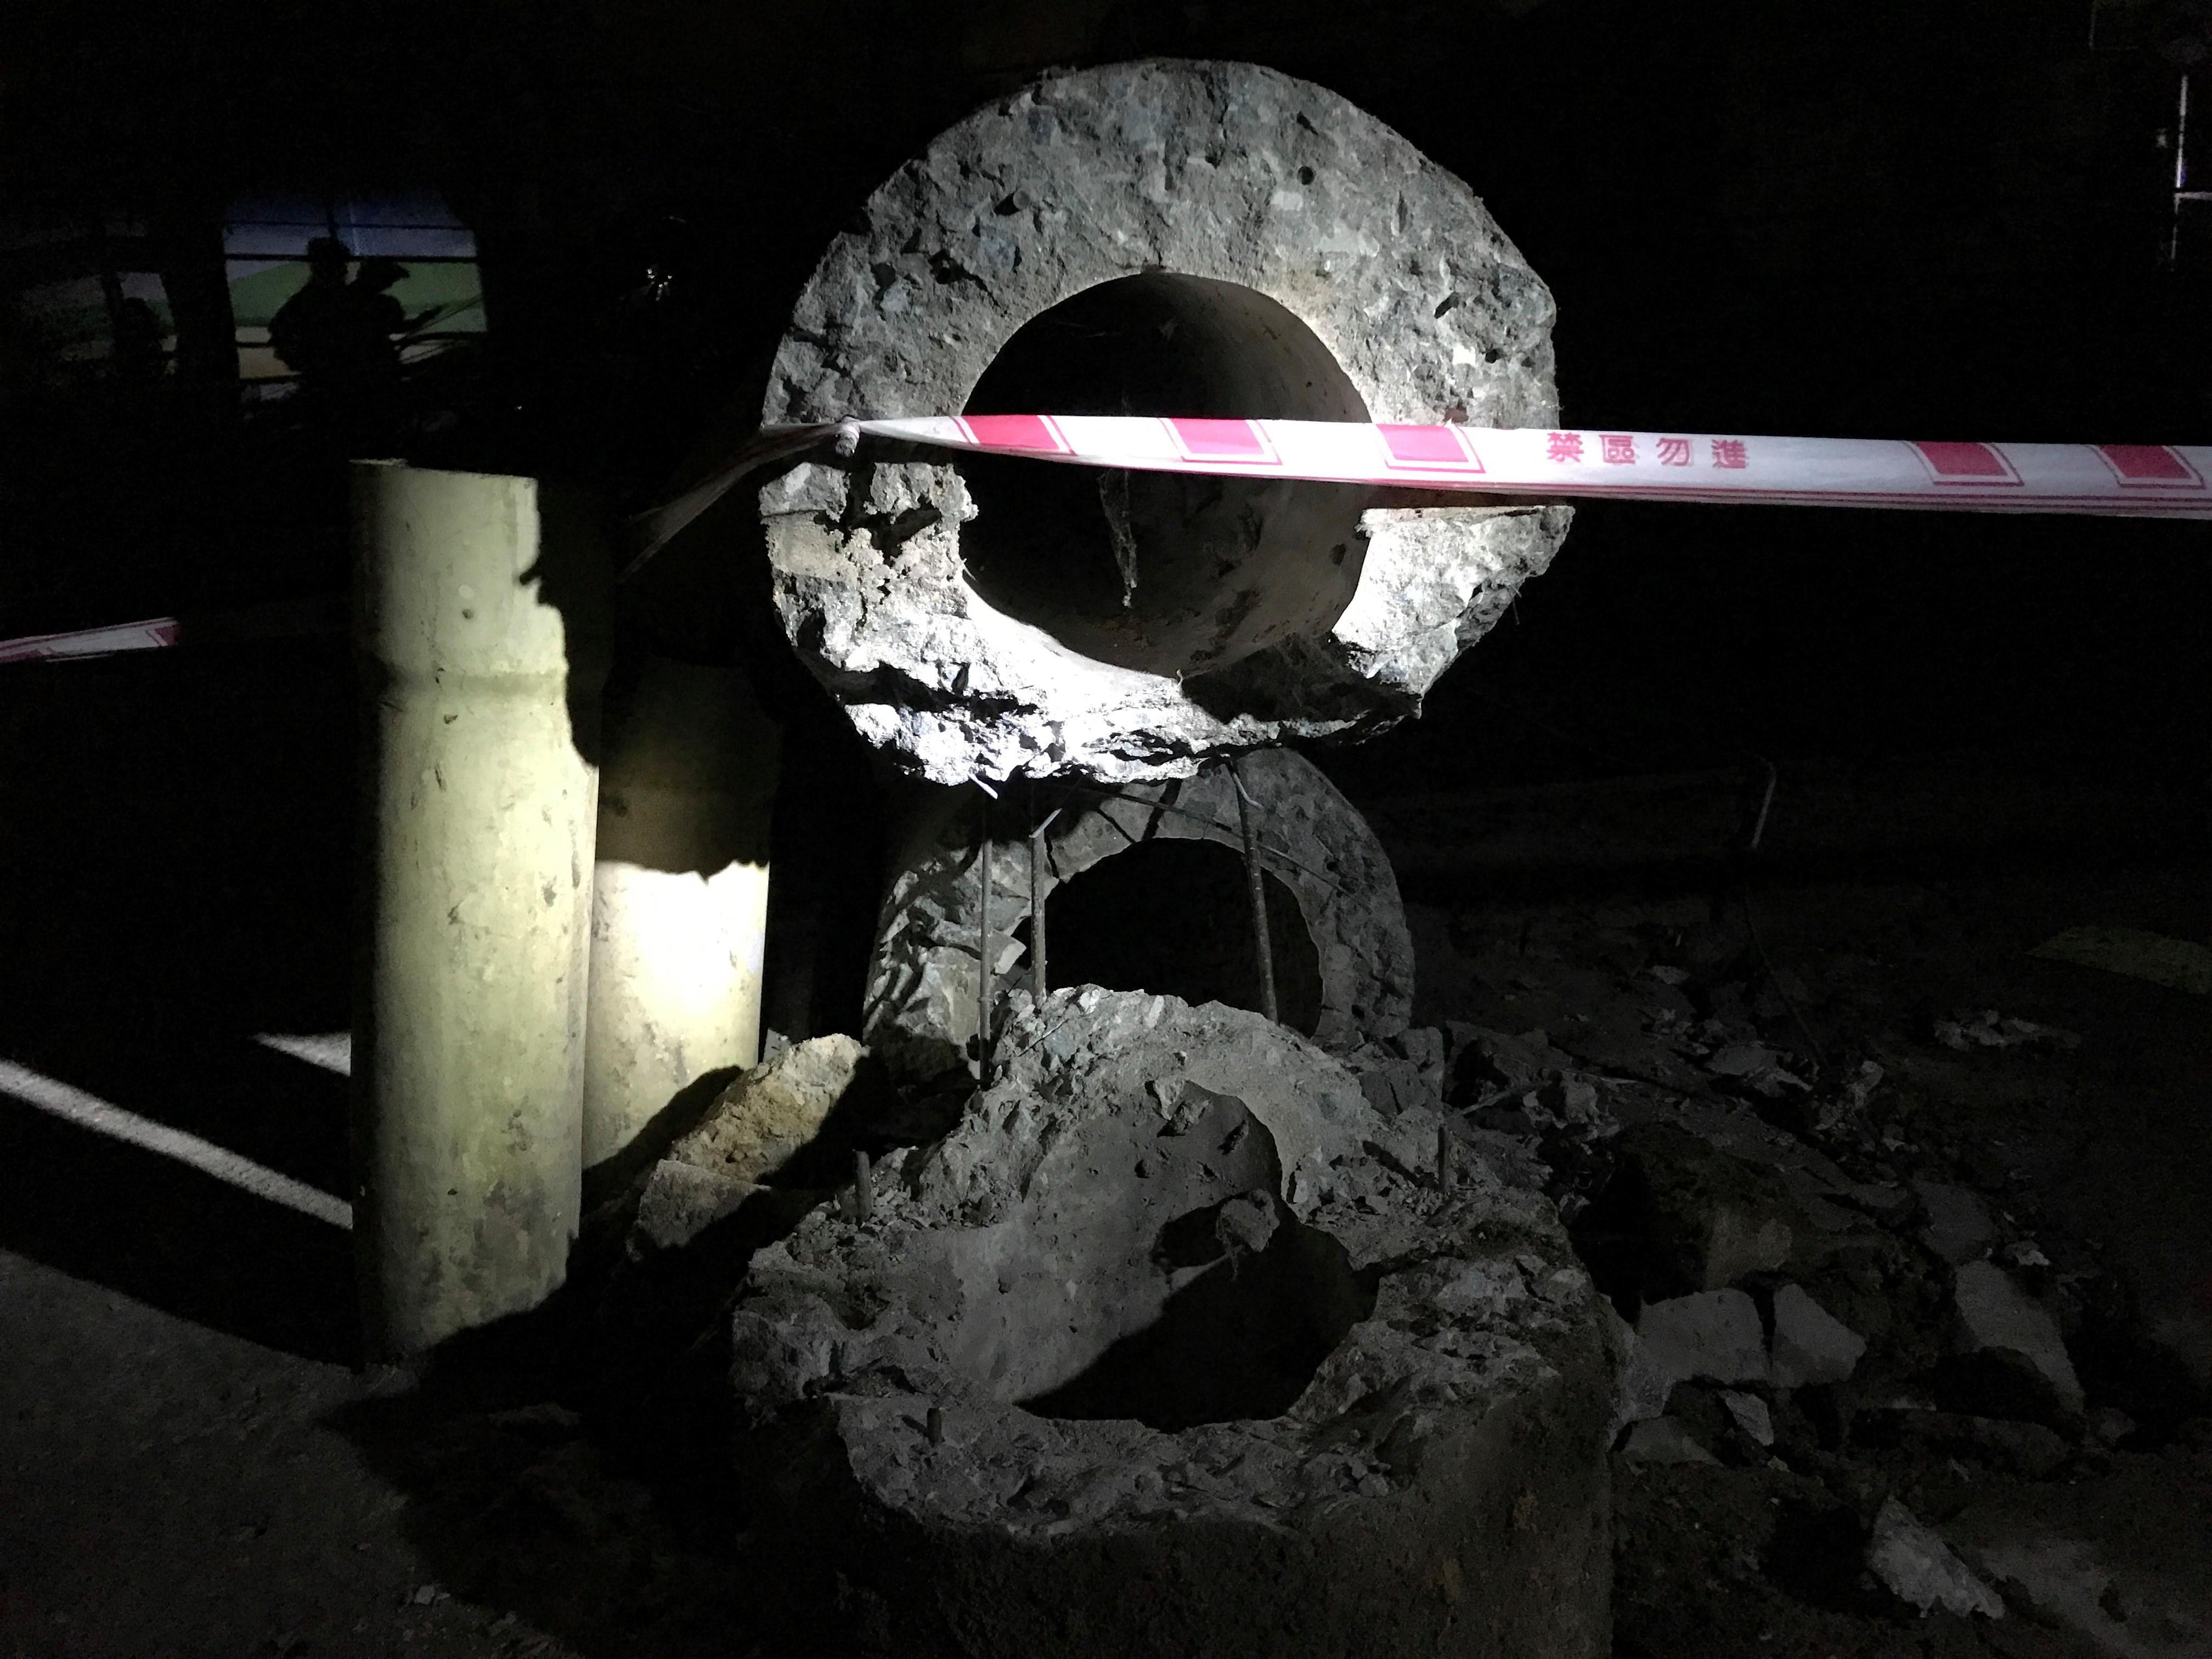 Xe container kéo đổ hàng loạt trụ điện, khu dân cư mất điện trong đêm Ảnh 4